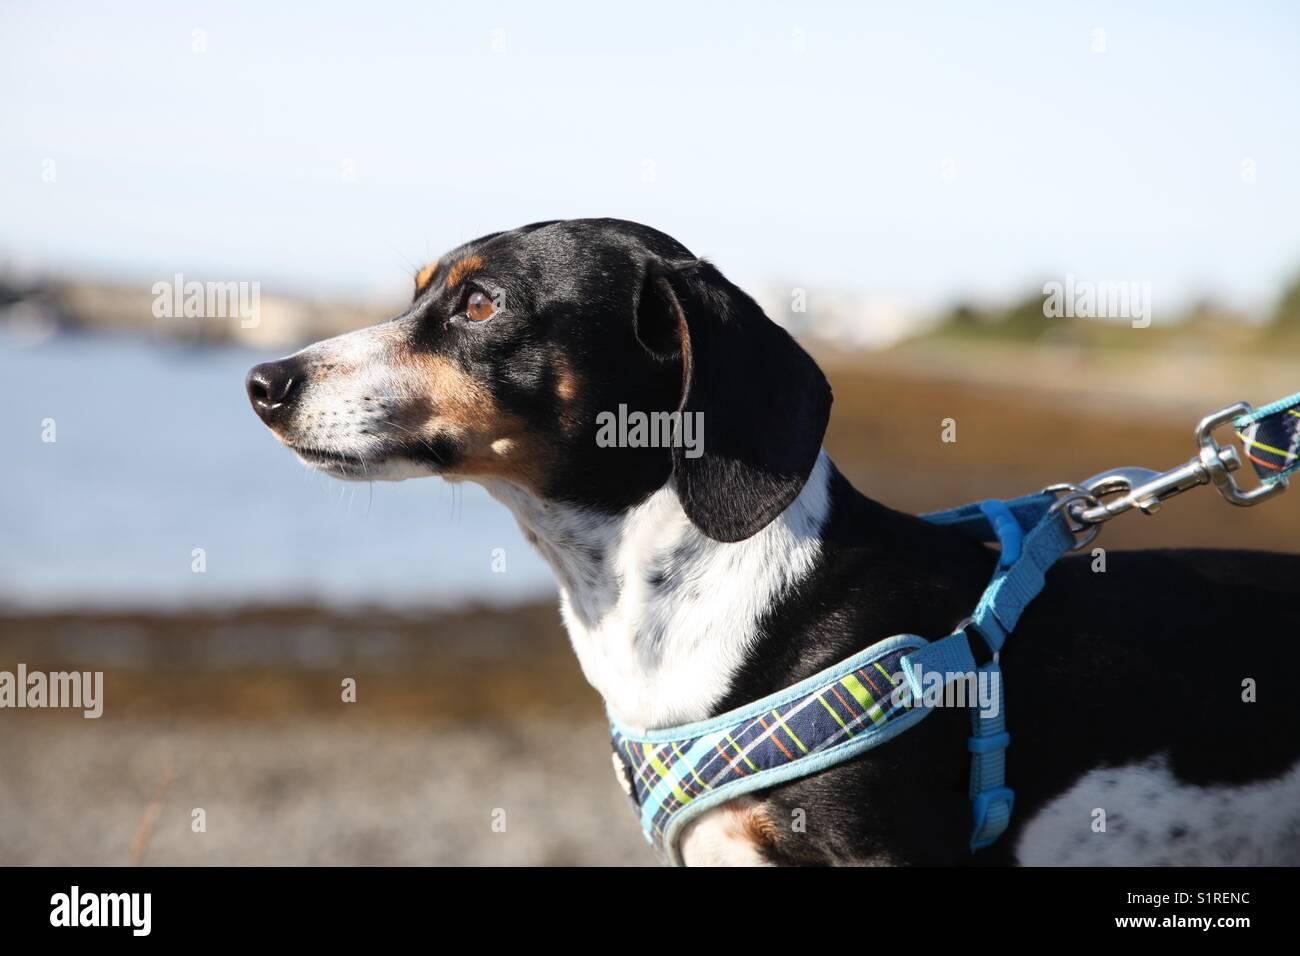 Dapple dashound - Stock Image